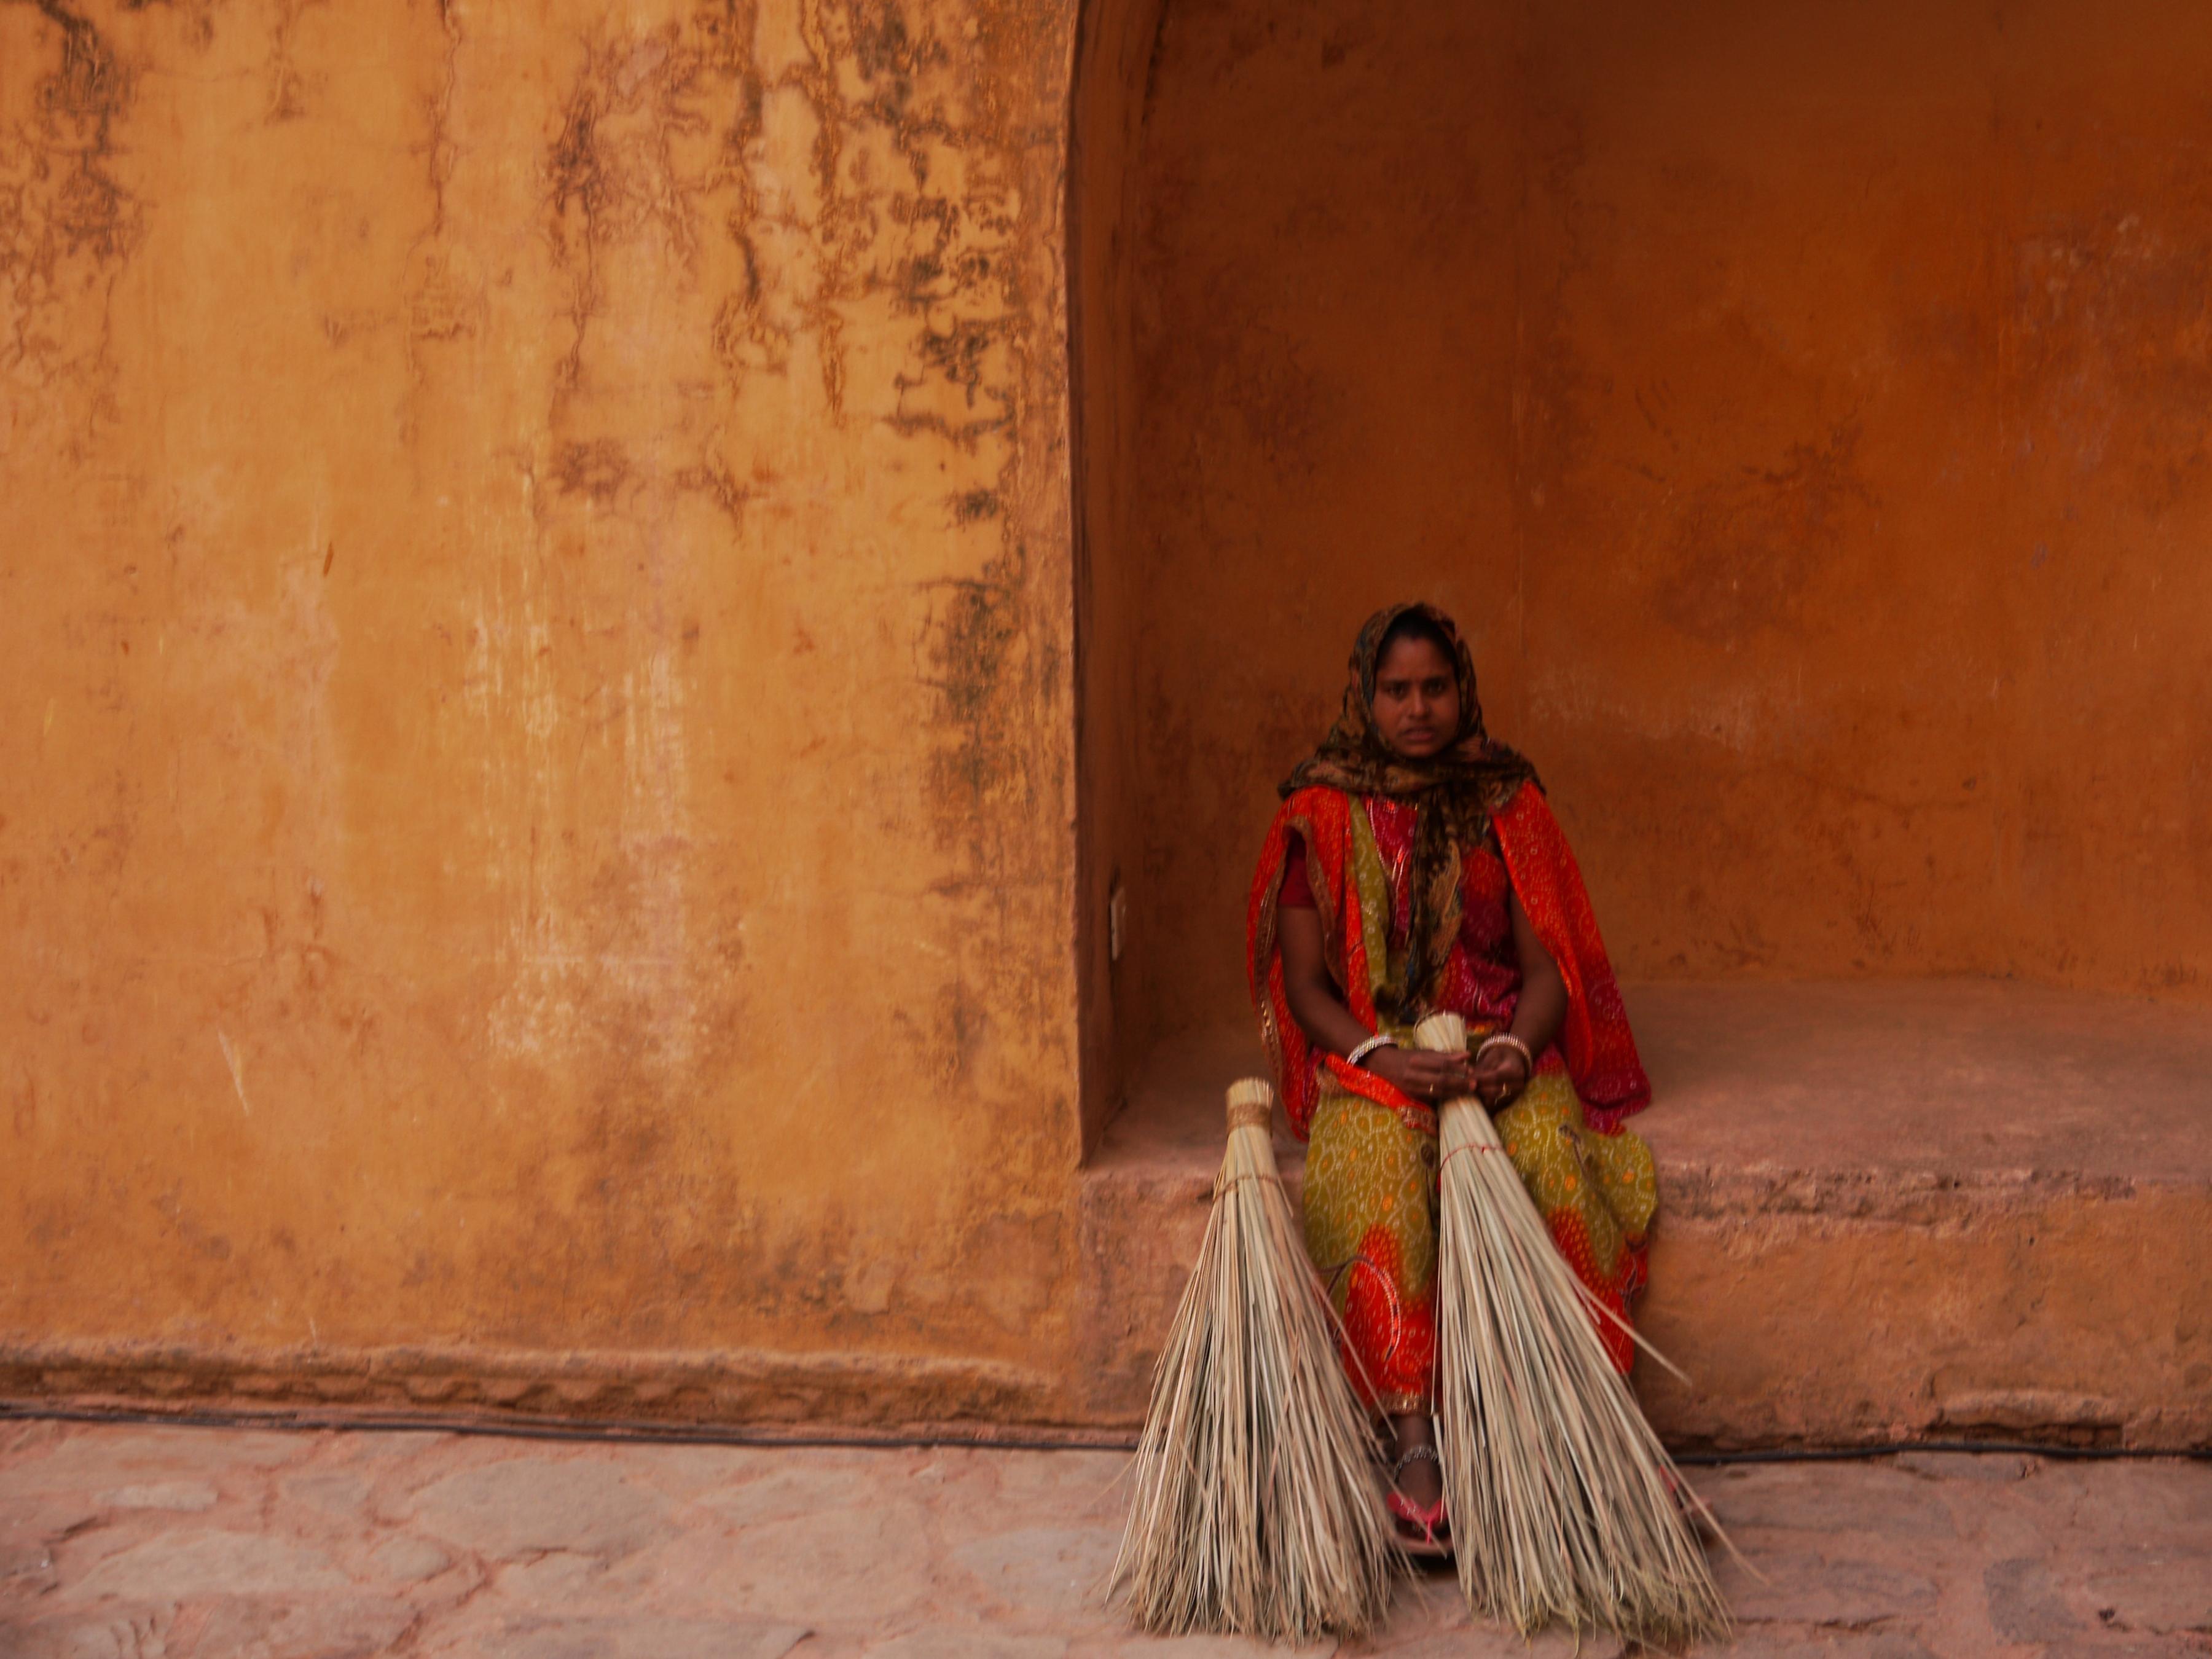 2013-09-09-indianwoman.JPG